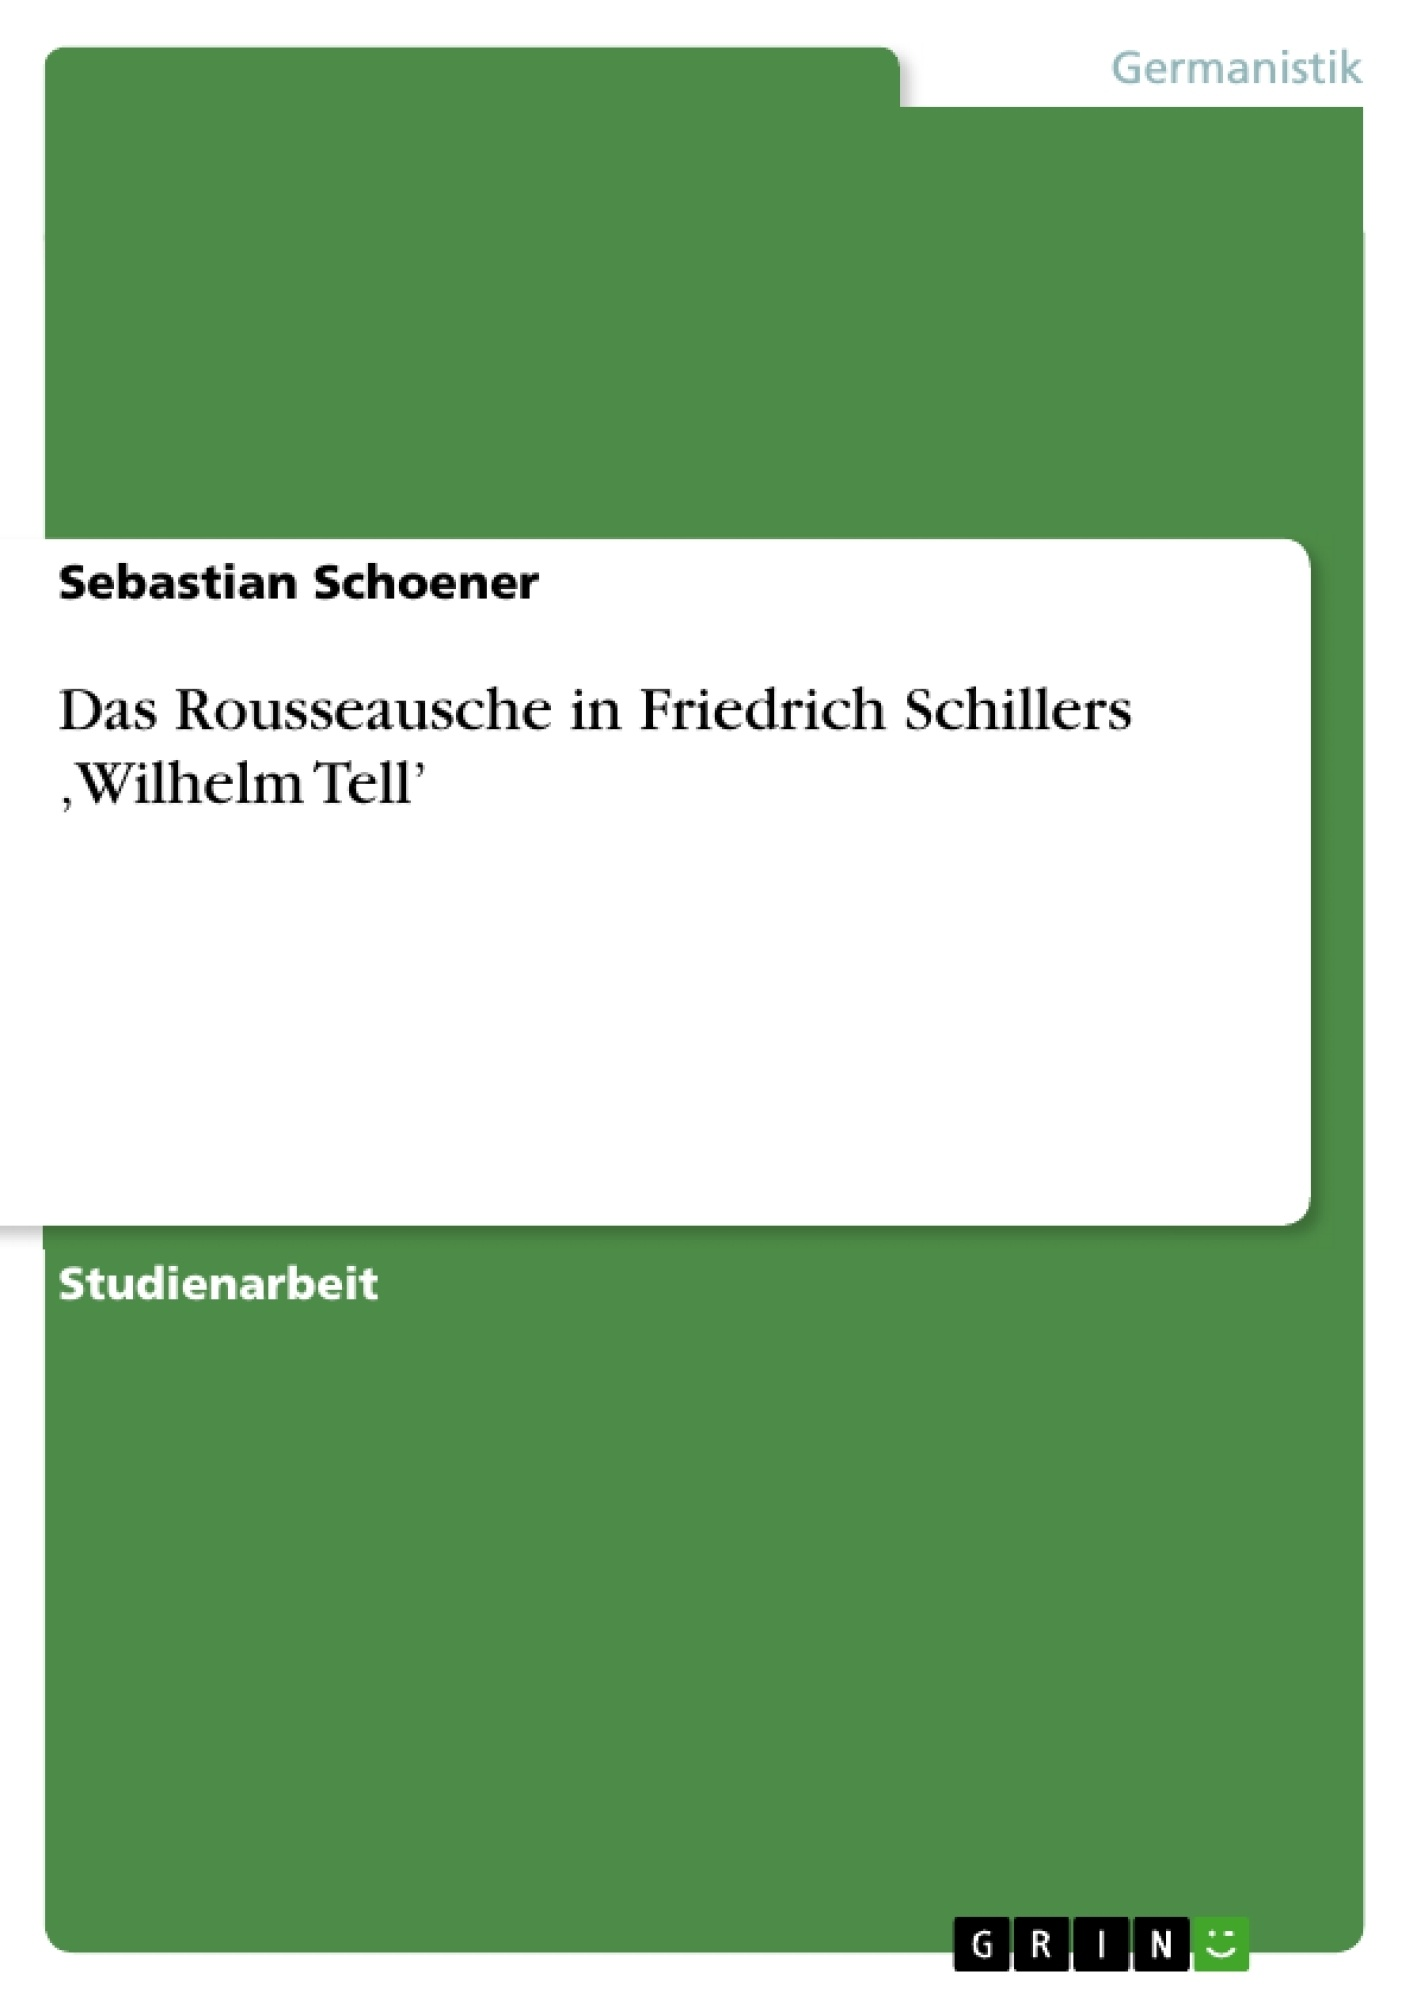 Titel: Das Rousseausche in Friedrich Schillers 'Wilhelm Tell'